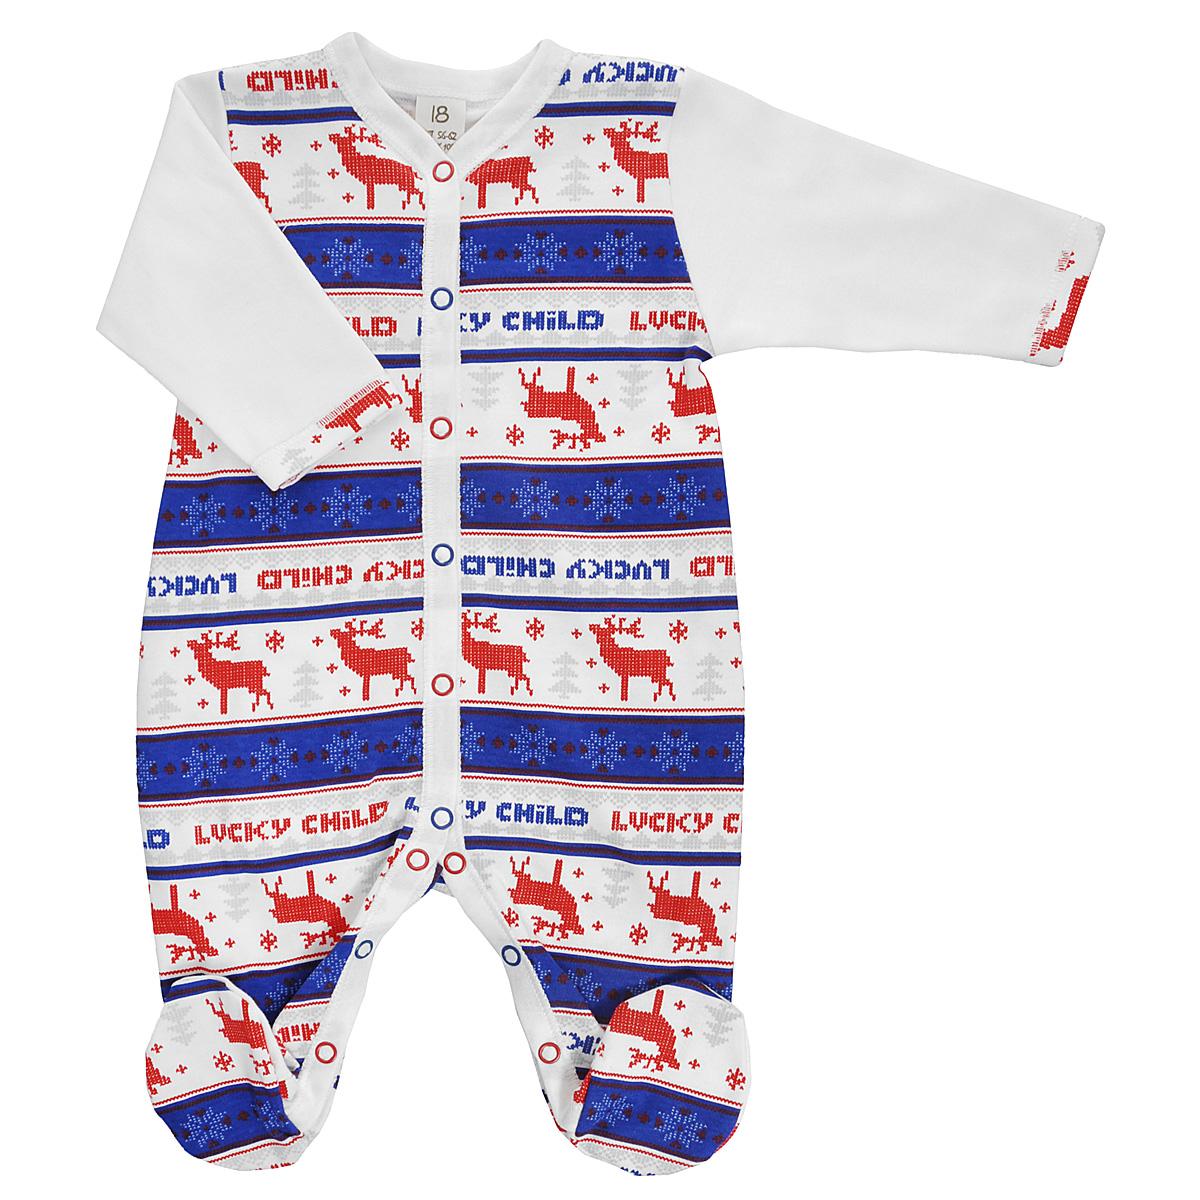 Комбинезон детский Lucky Child, цвет: молочный, синий, красный. 10-1_легкий. Размер 80/8610-1_легкийДетский комбинезон Lucky Child Скандинавия - очень удобный и практичный вид одежды для малышей. Комбинезон выполнен из натурального хлопка, благодаря чему он необычайно мягкий и приятный на ощупь, не раздражает нежную кожу ребенка и хорошо вентилируется, а эластичные швы приятны телу малыша и не препятствуют его движениям. Комбинезон с длинными рукавами и закрытыми ножками имеет застежки-кнопки от горловины до щиколоток, которые помогают легко переодеть младенца или сменить подгузник. Оформлена модель модным скандинавским принтом. С детским комбинезоном Lucky Child спинка и ножки вашего малыша всегда будут в тепле, он идеален для использования днем и незаменим ночью. Комбинезон полностью соответствует особенностям жизни младенца в ранний период, не стесняя и не ограничивая его в движениях!